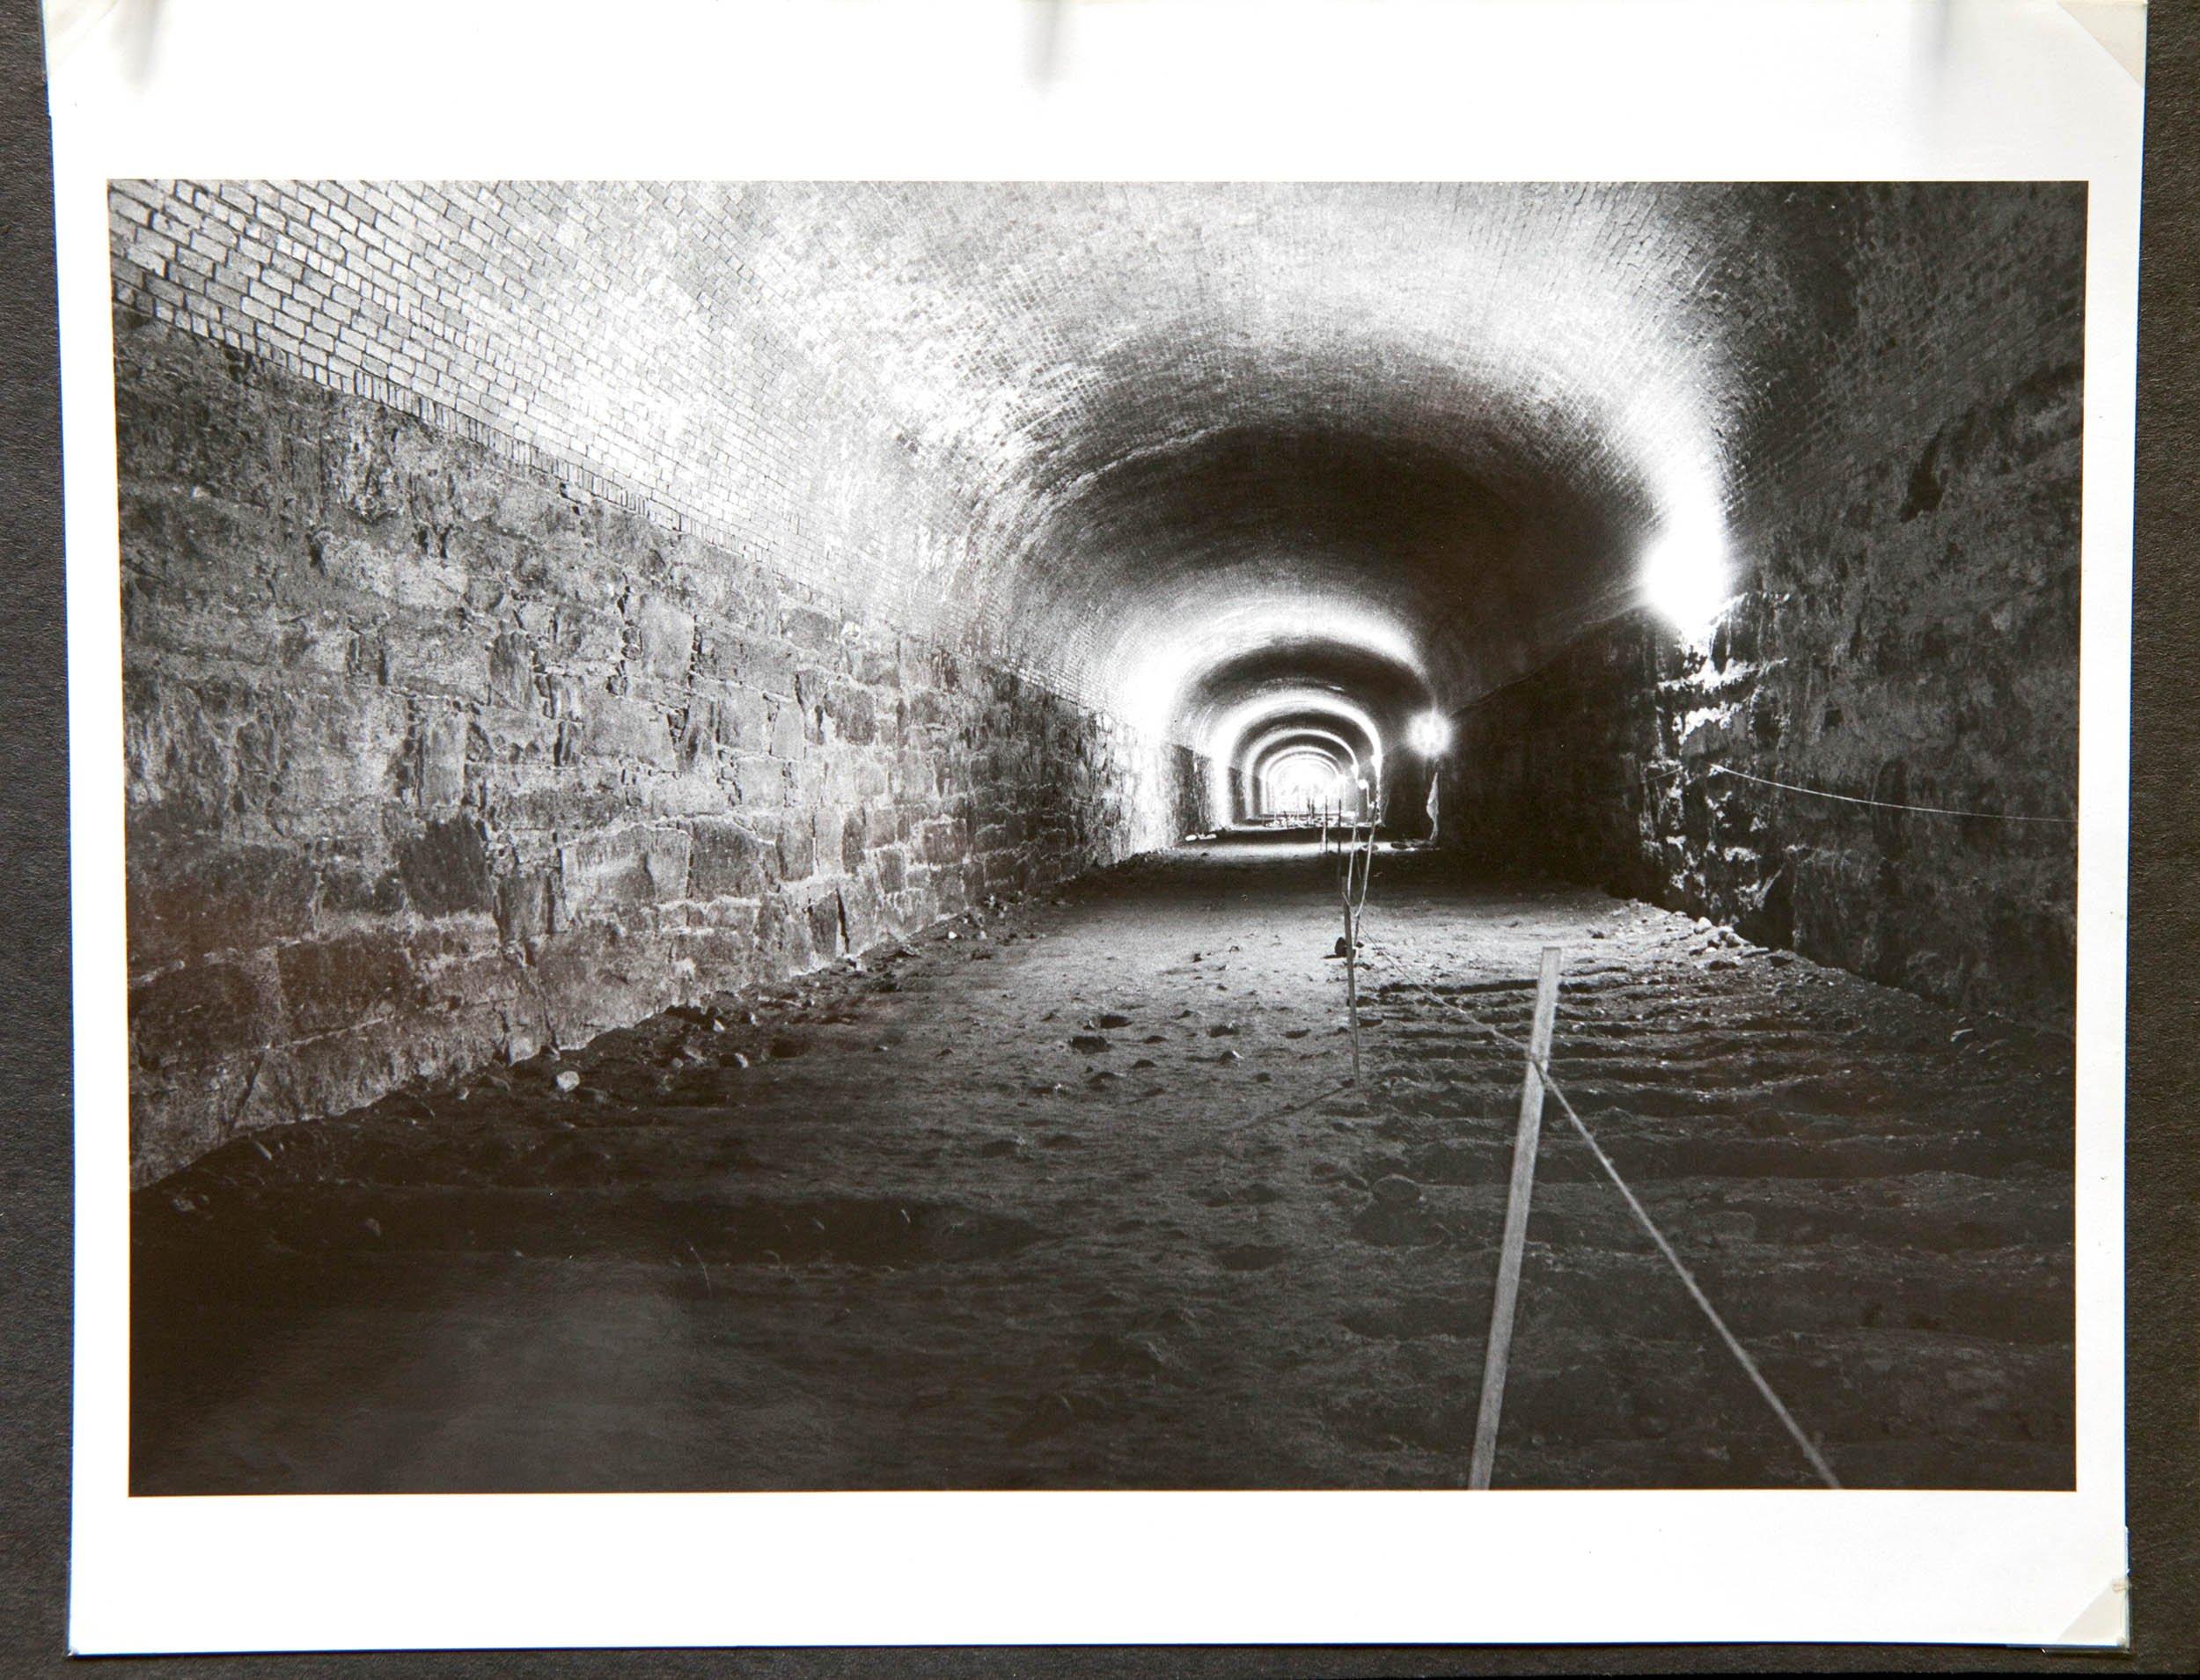 6.13_FEO224_Tunnel5